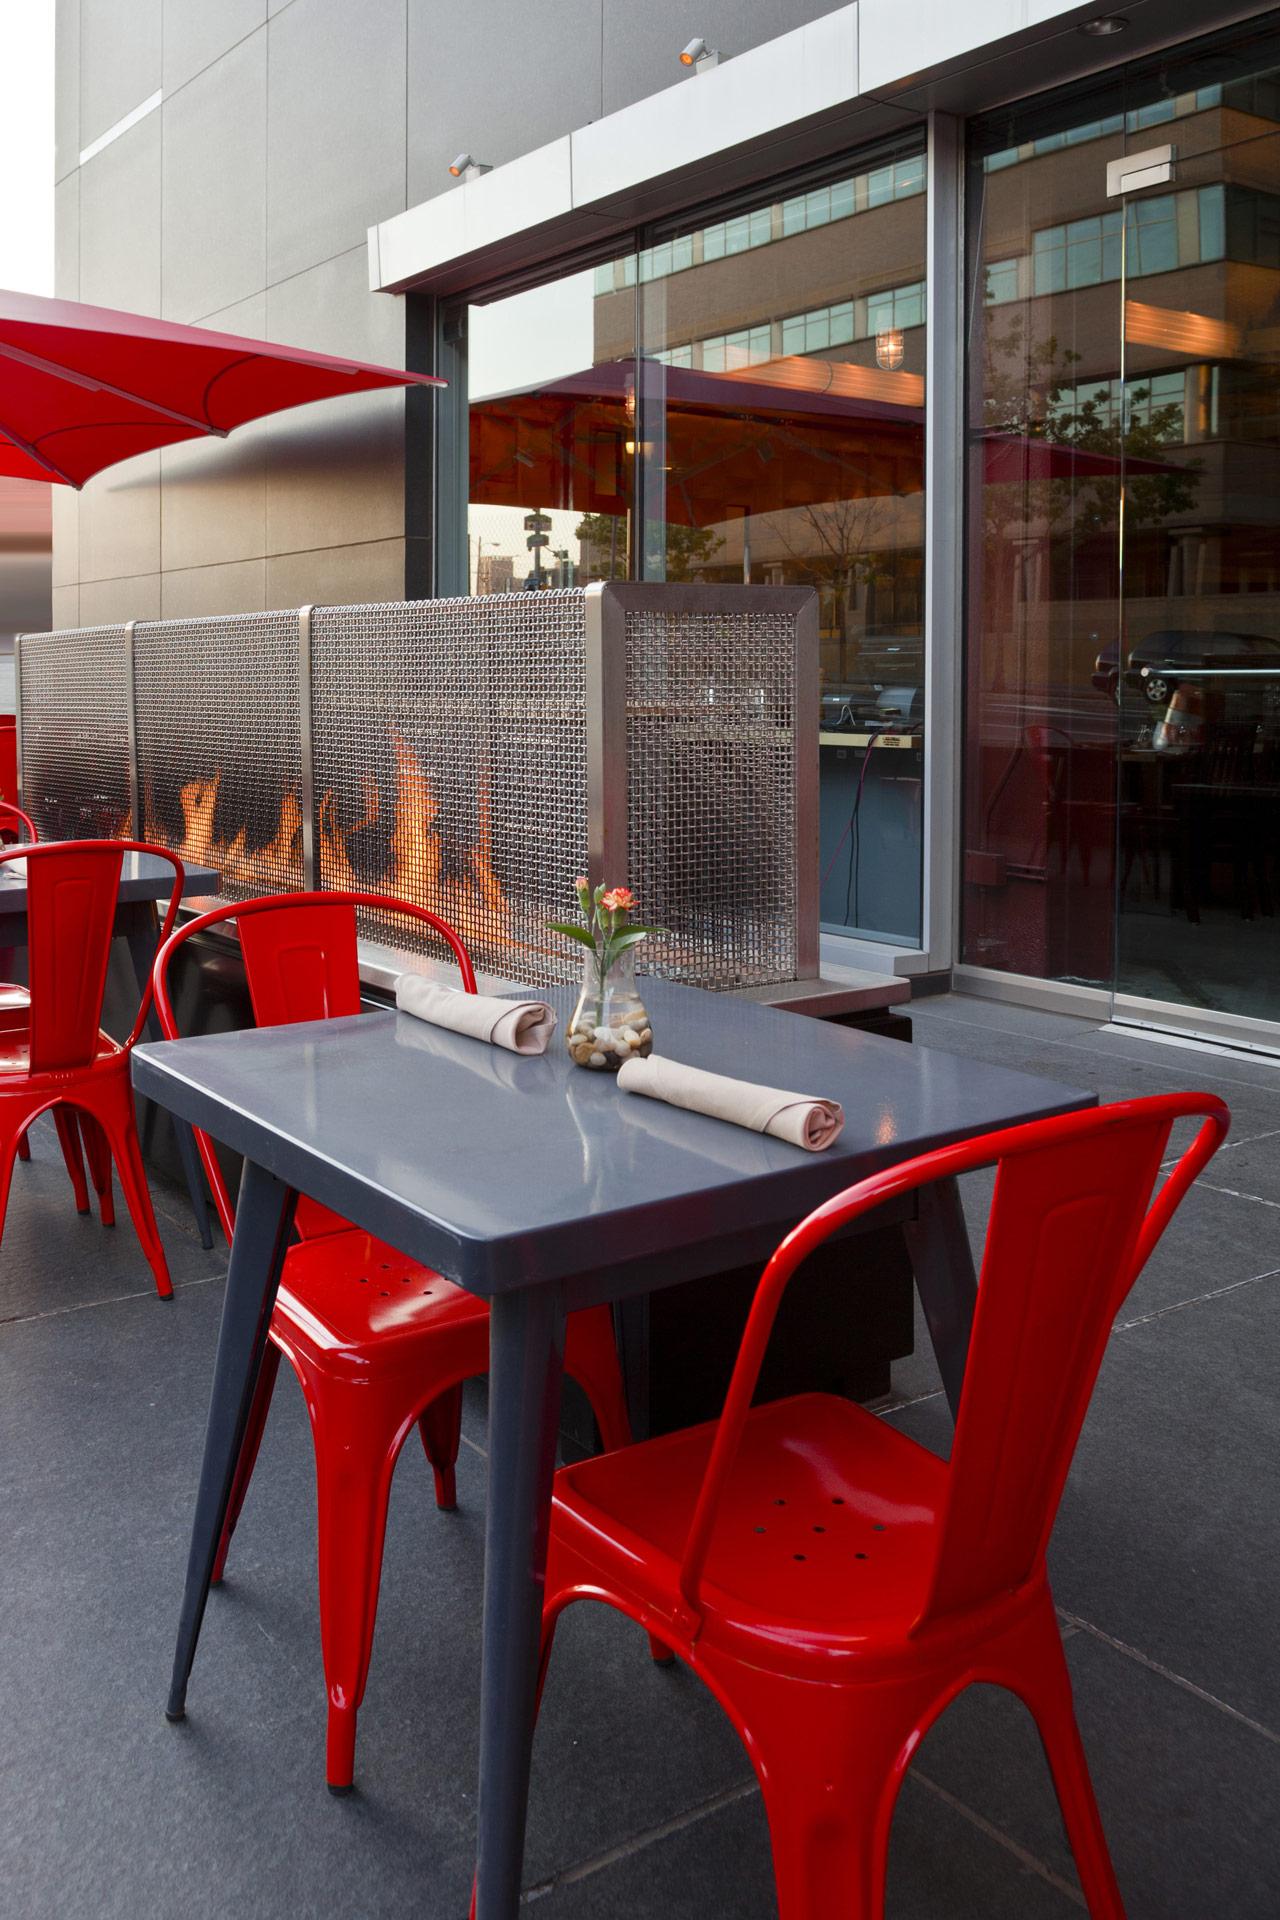 Mid Atlantic restaurant best designer